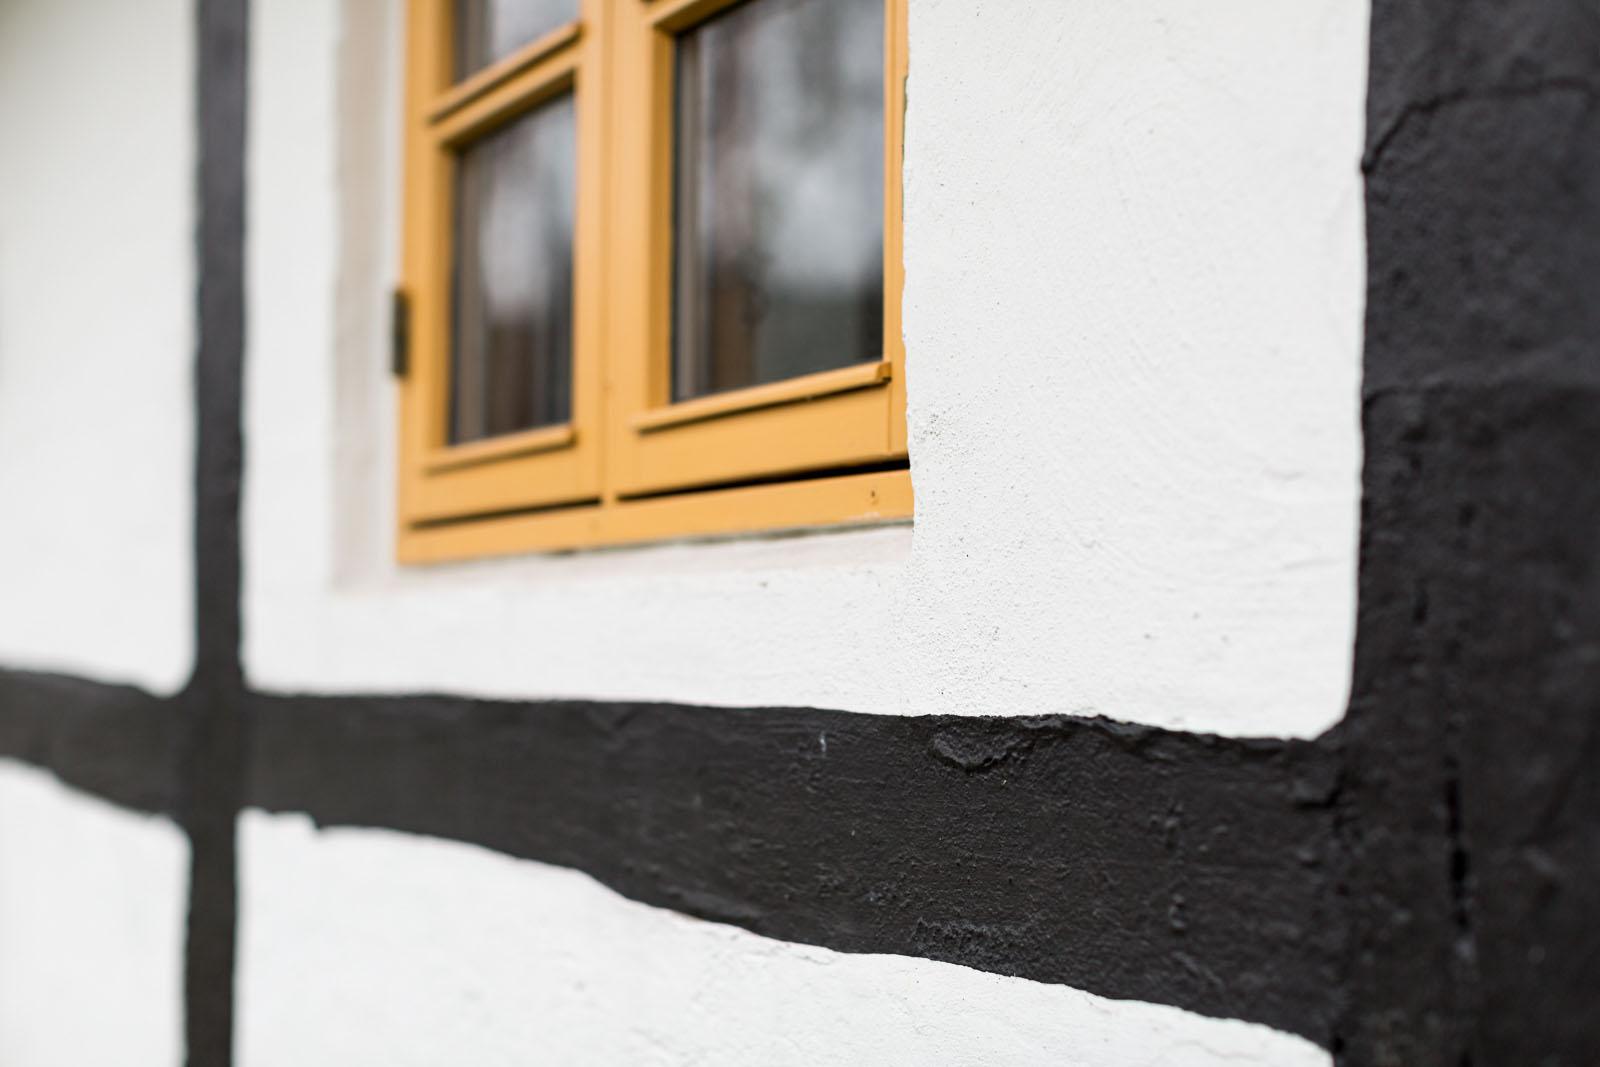 Maling af vinduesrammer og facade på bindingsværkshus tæt på